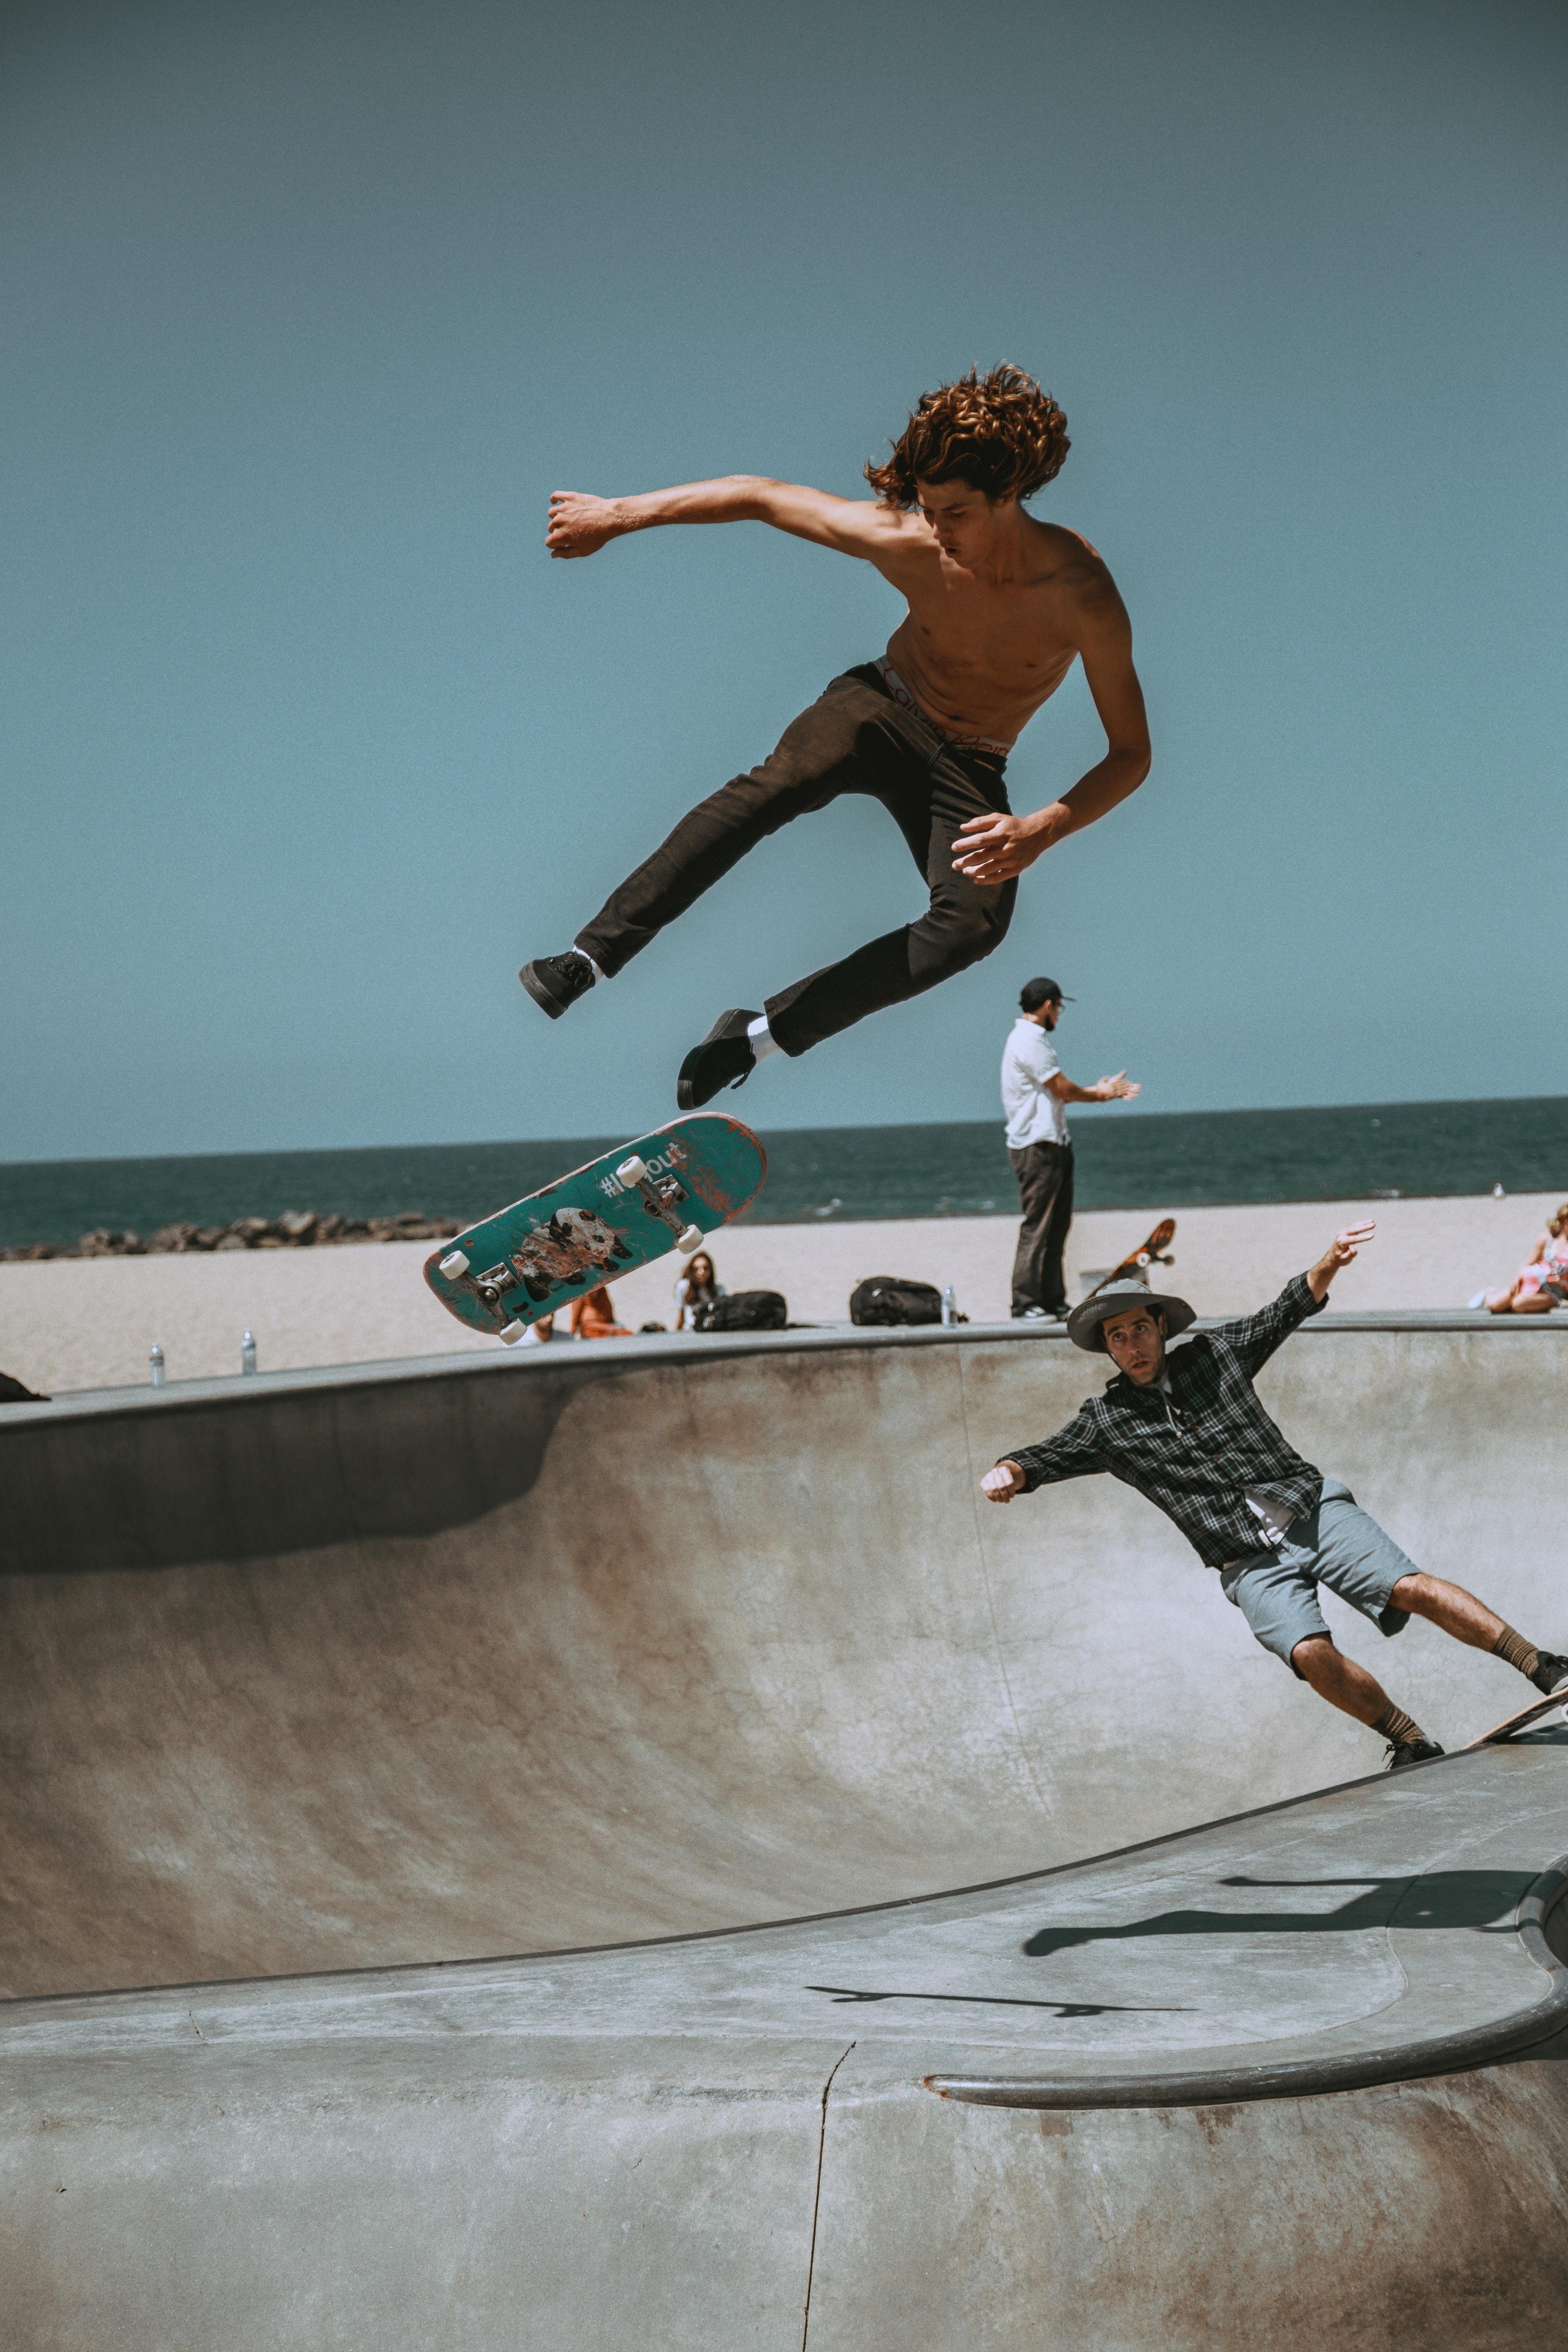 Skateboarder  skateboardingcomstore